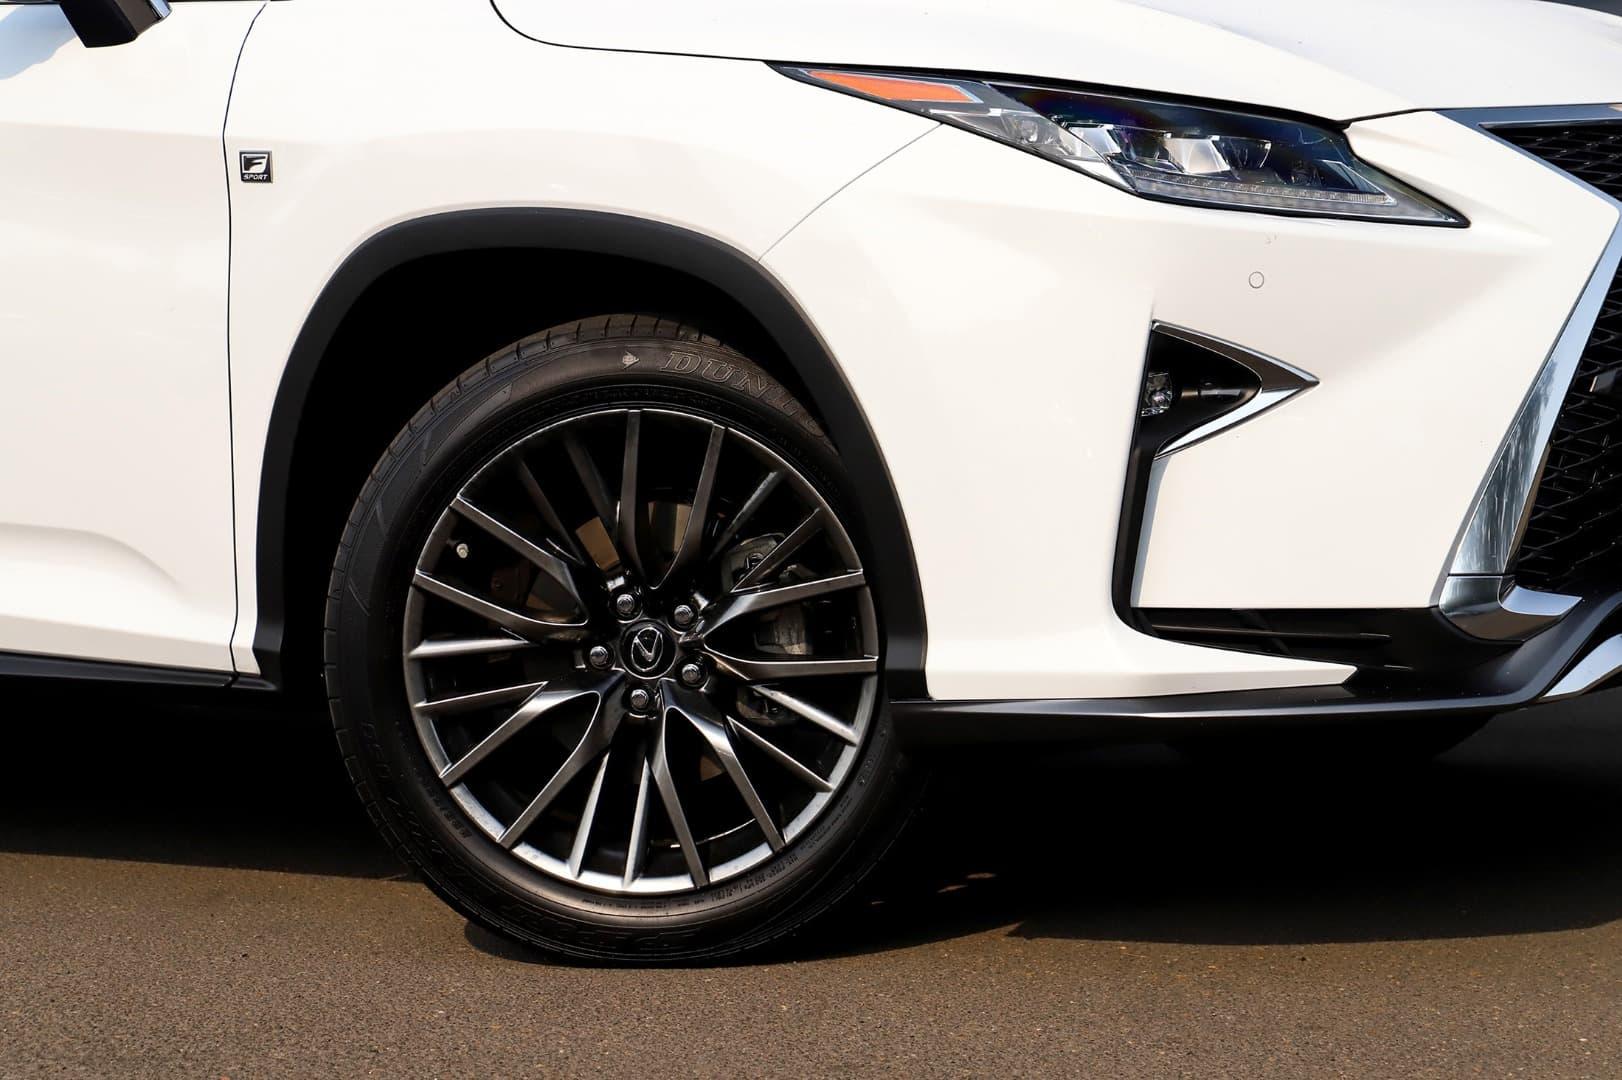 2019 Lexus RX RX350 F Sport Auto 4x4 - image 6